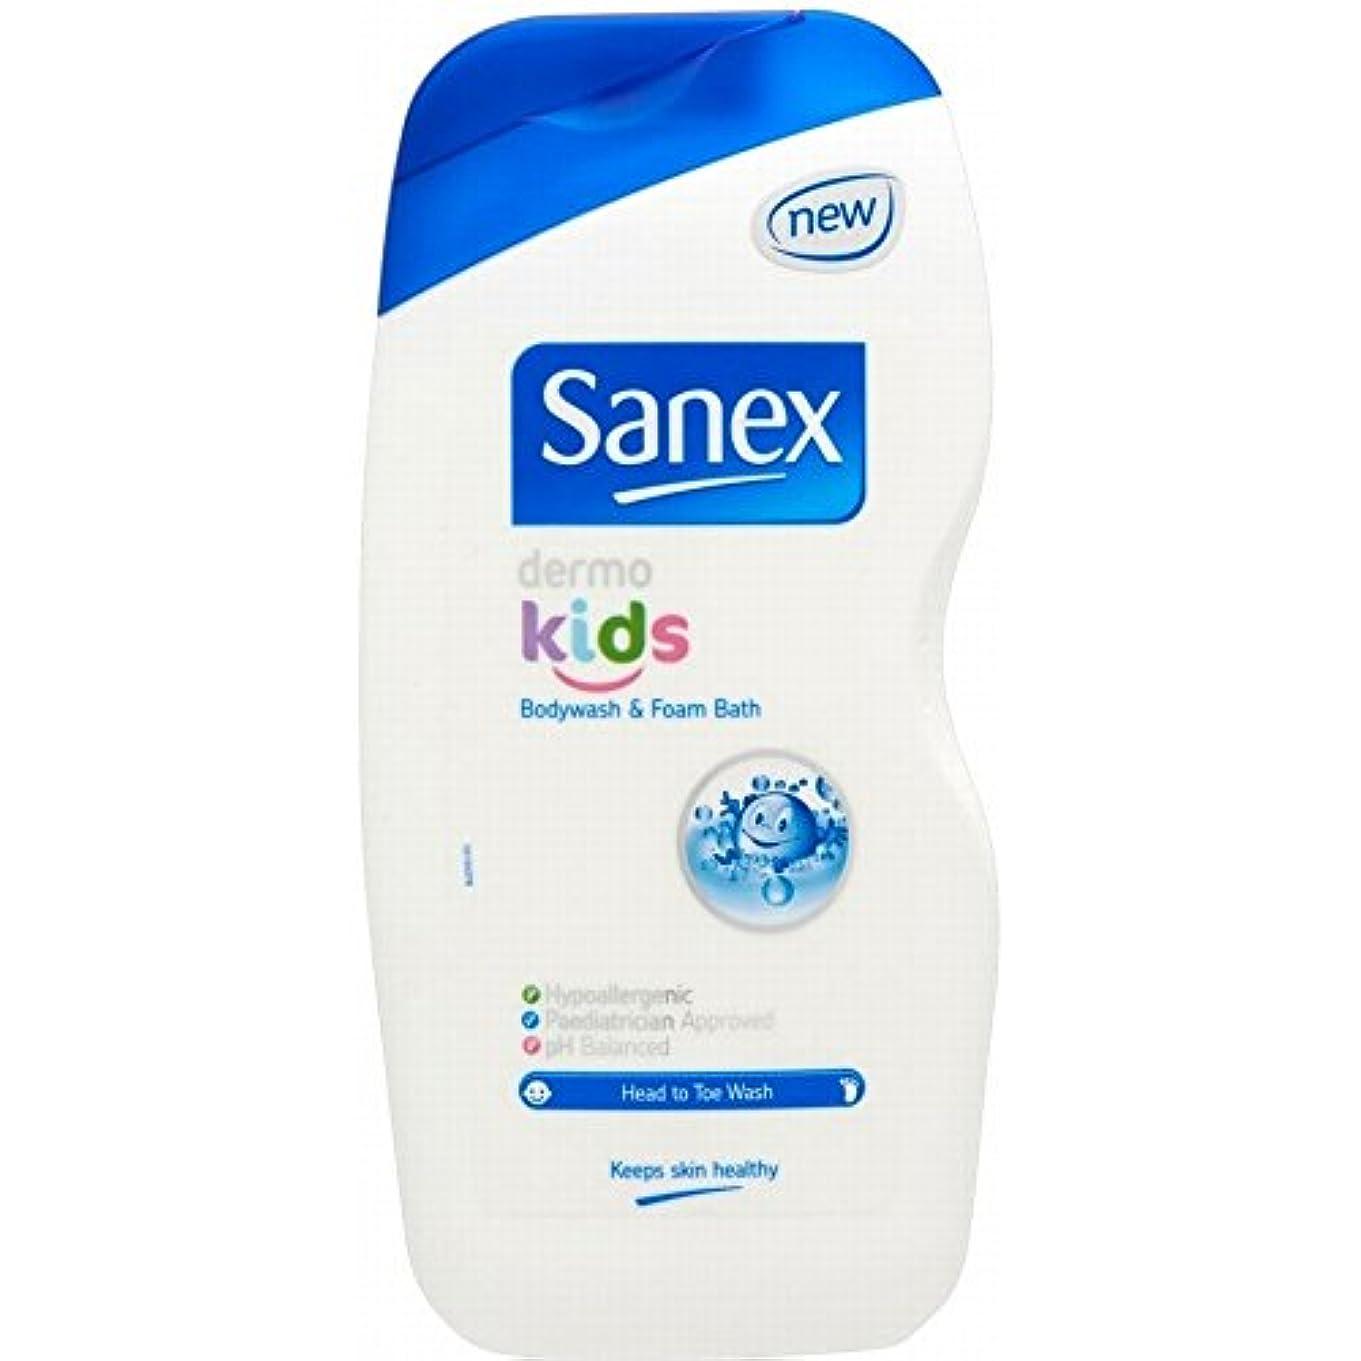 幹はっきりしない若さSanex Dermo Kids Body Wash & Foam Bath (500ml) Sanex真皮キッズボディウォッシュと泡風呂( 500ミリリットル) [並行輸入品]